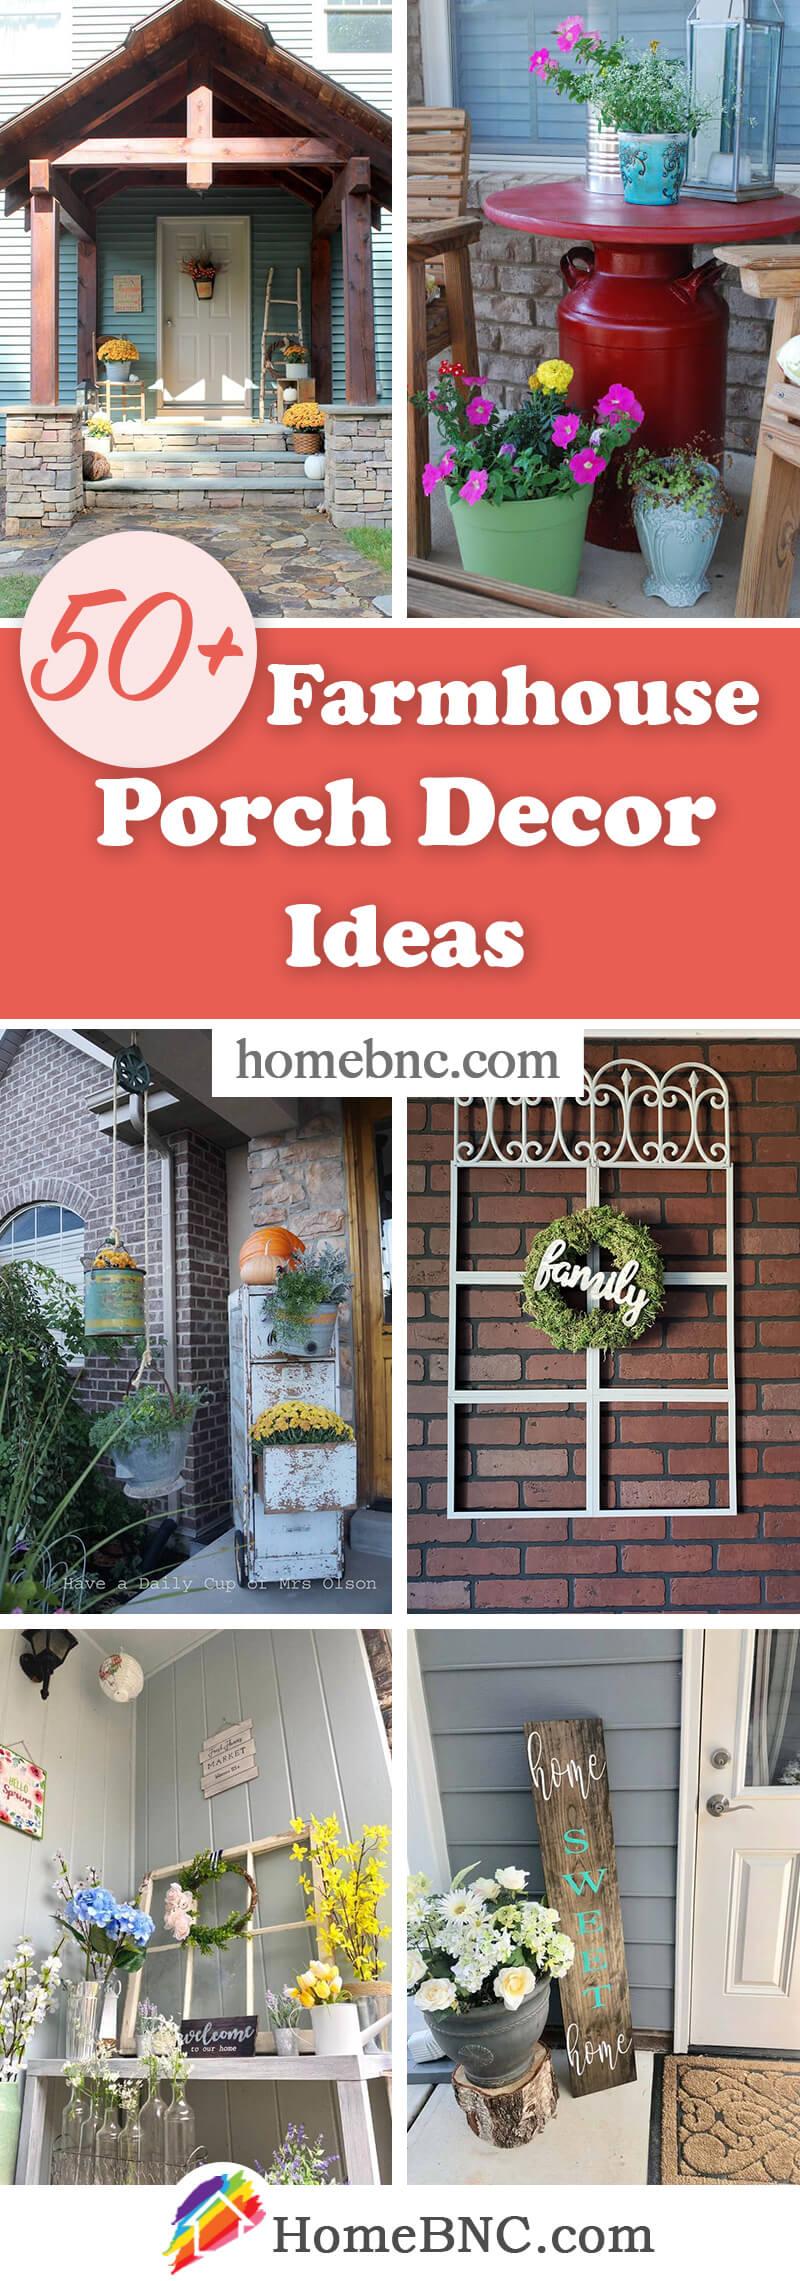 Rustic Farmhouse Porch Decor Ideas